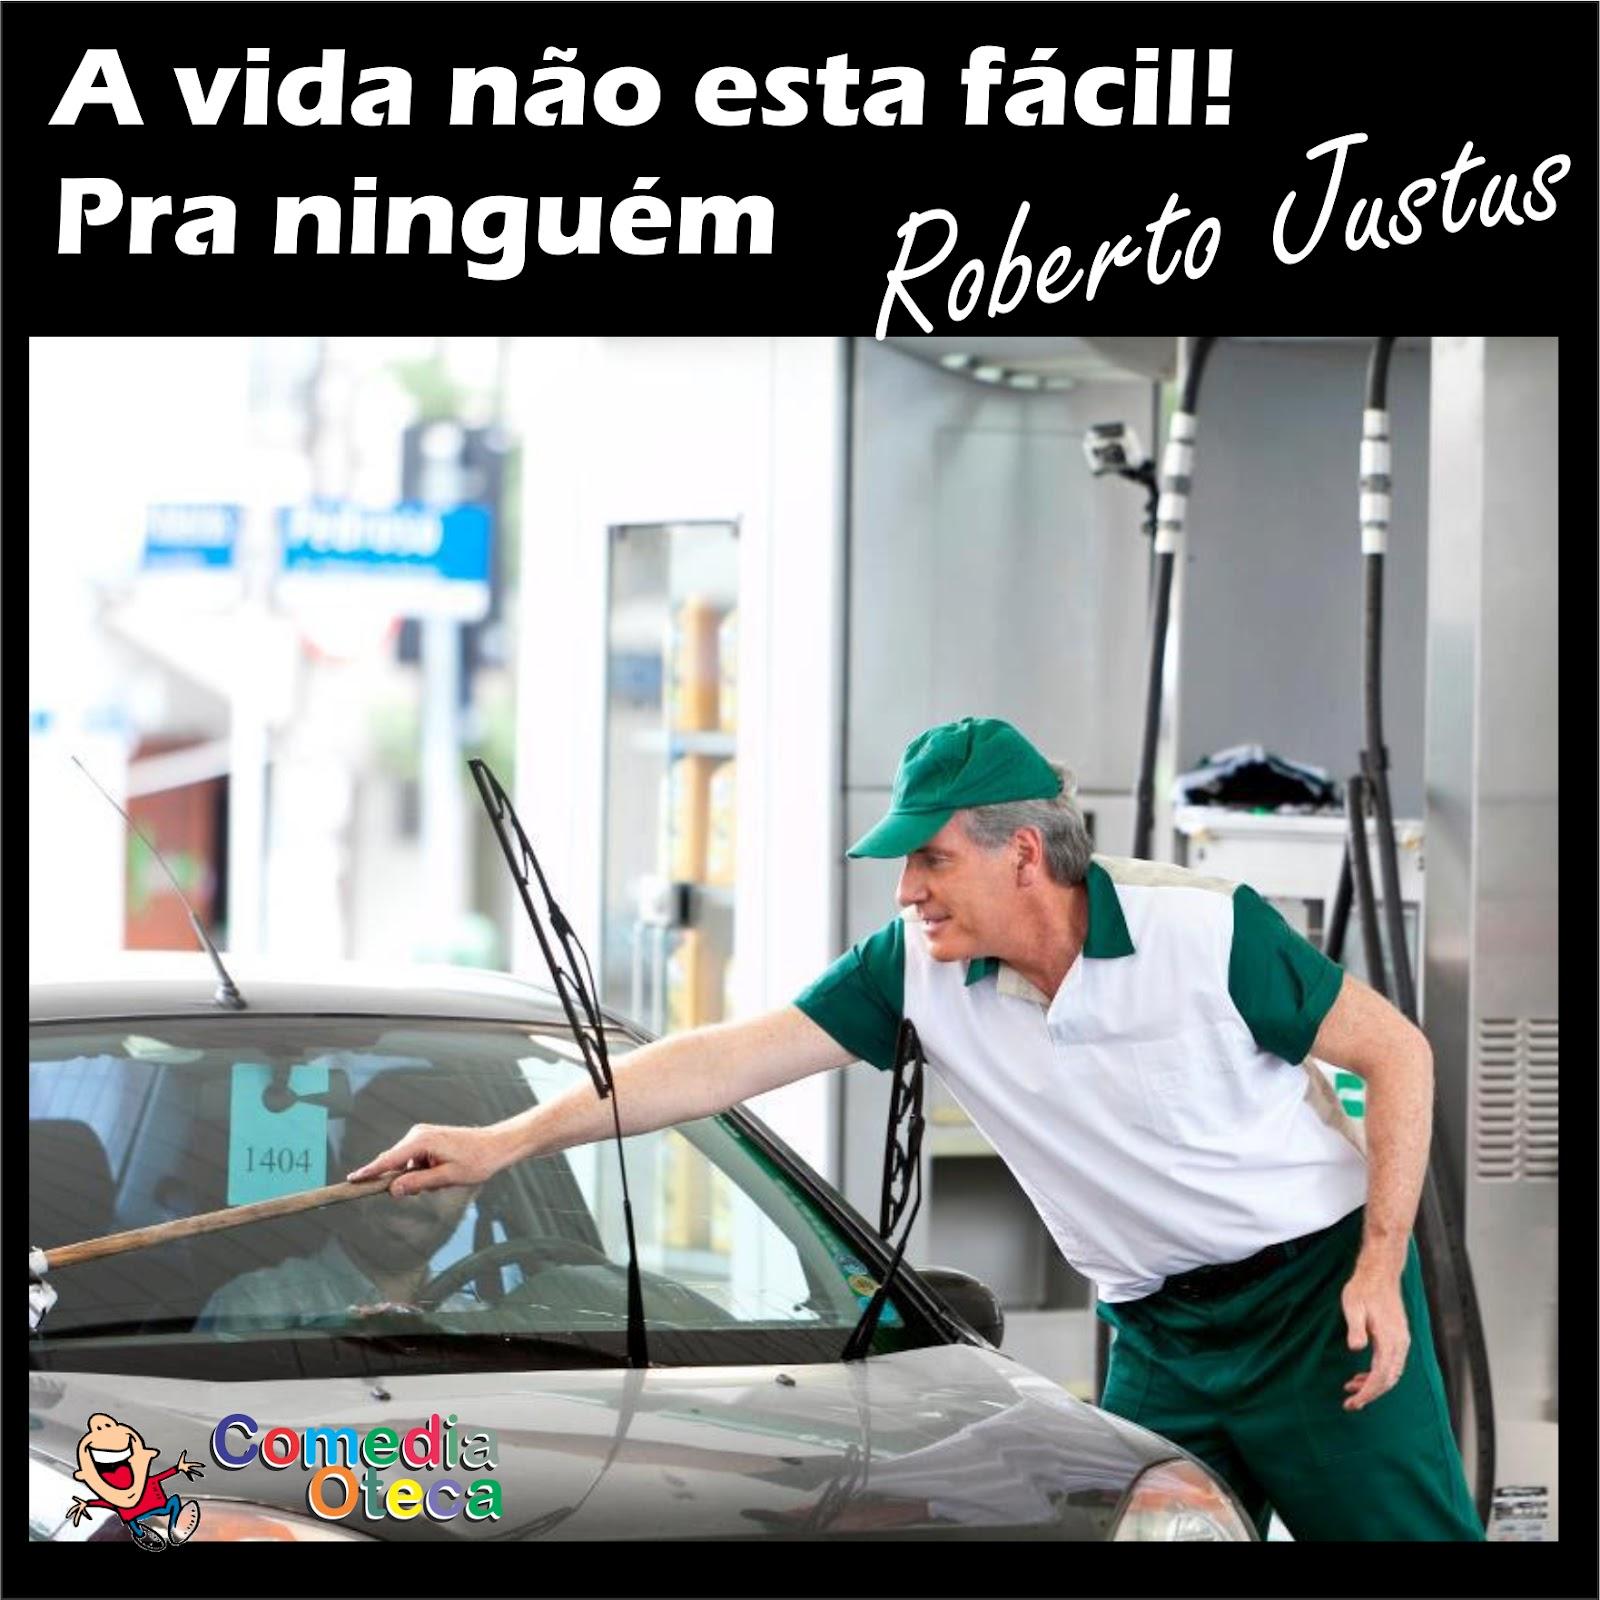 c1f56377fdef1 comediaoteca  A vida não ta facil pra ninguem!